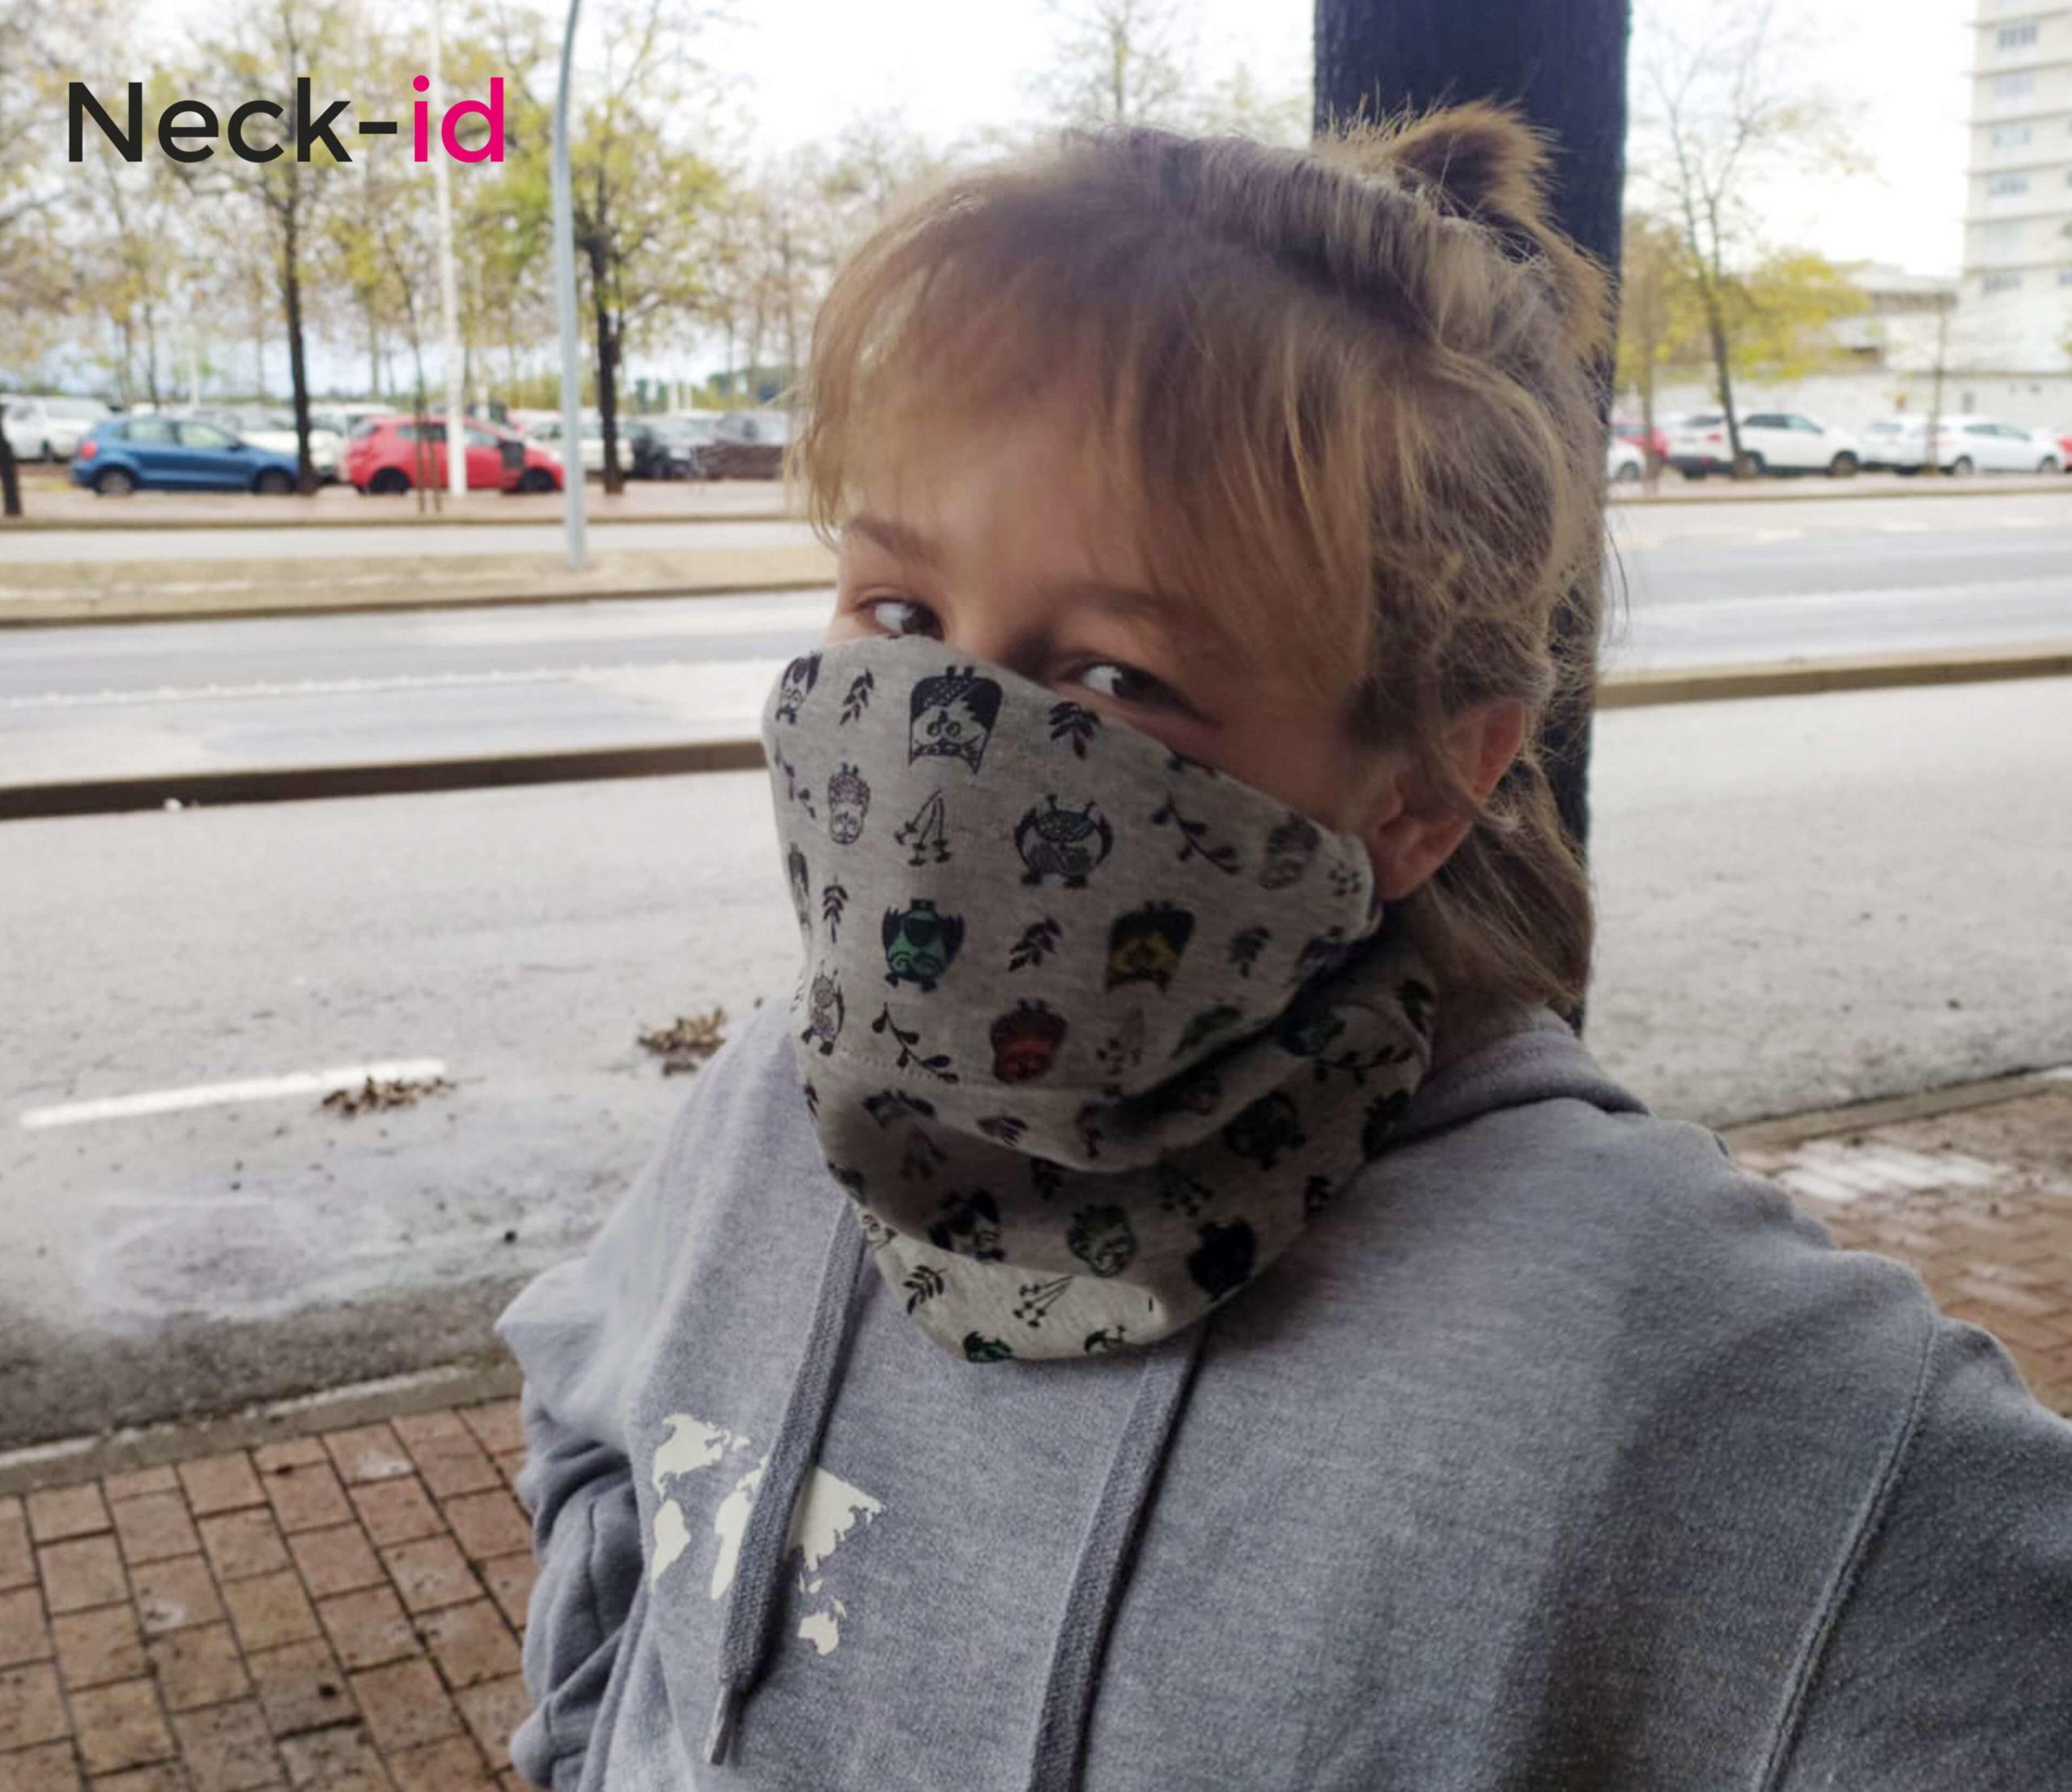 Neck-id junior, solución para toda las edades